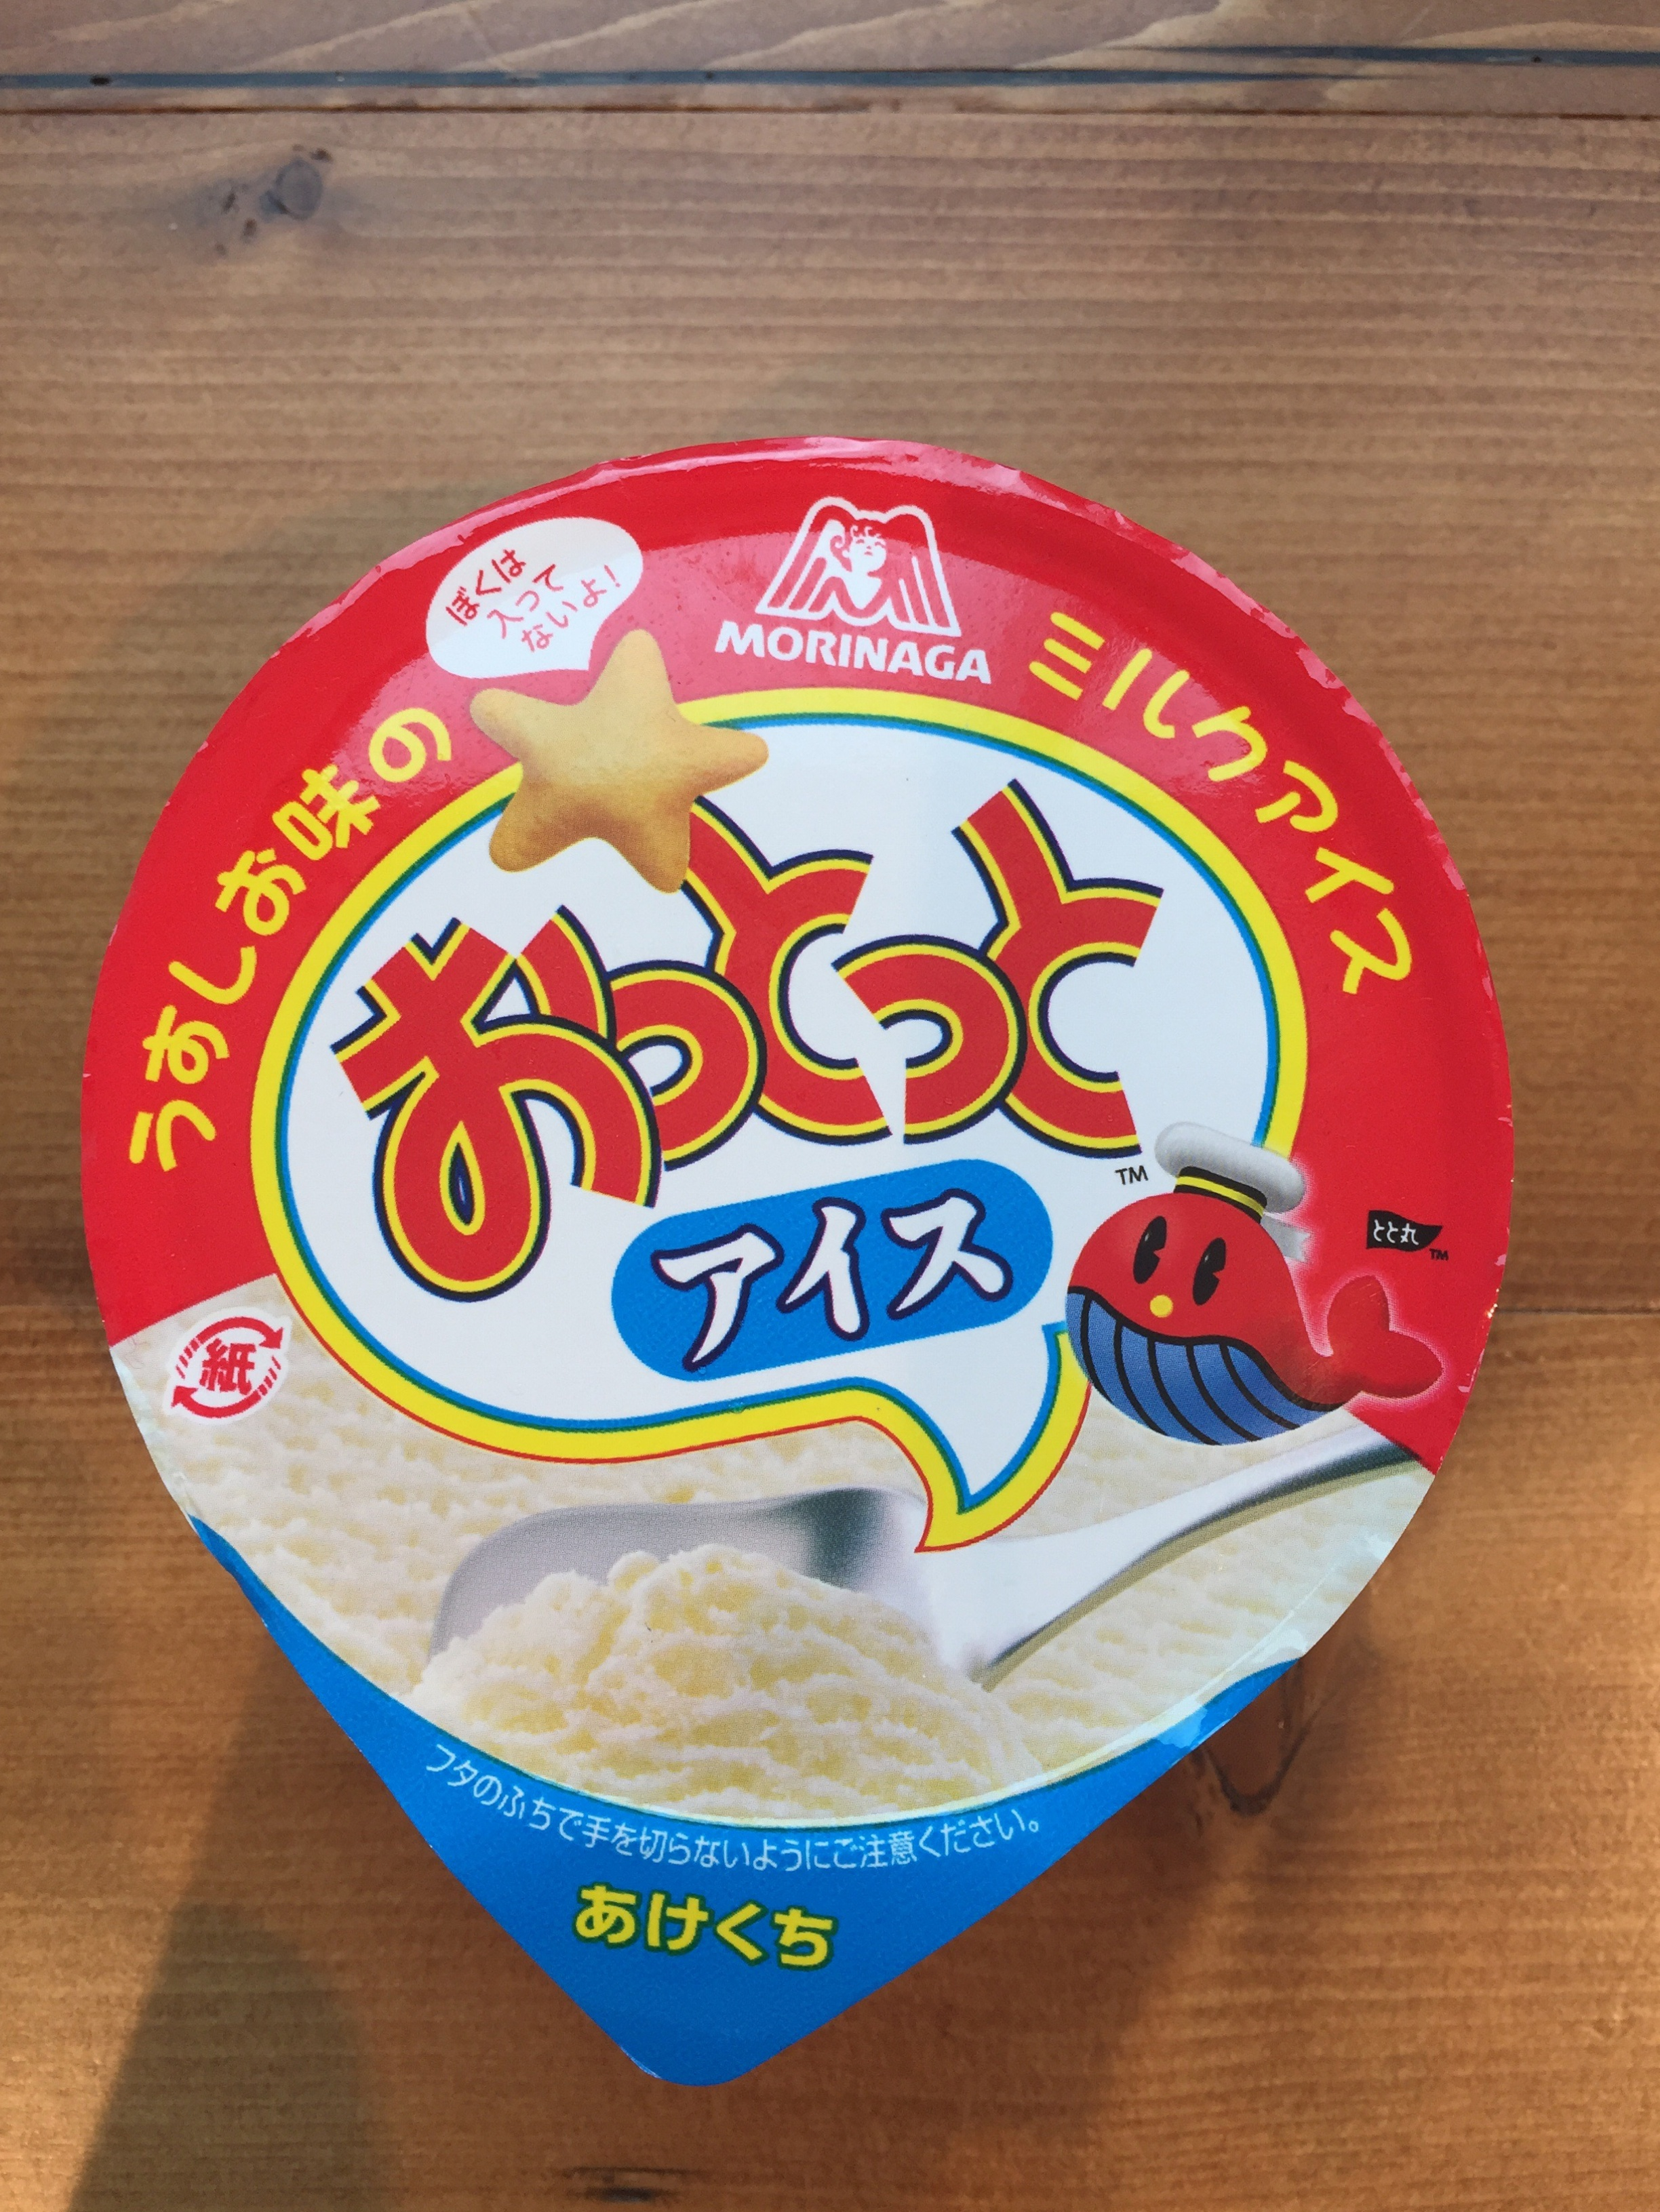 【FOOD】PABLOからアイスバーが新登場♥︎!&あのスナックがまさかのアイスに?!_3